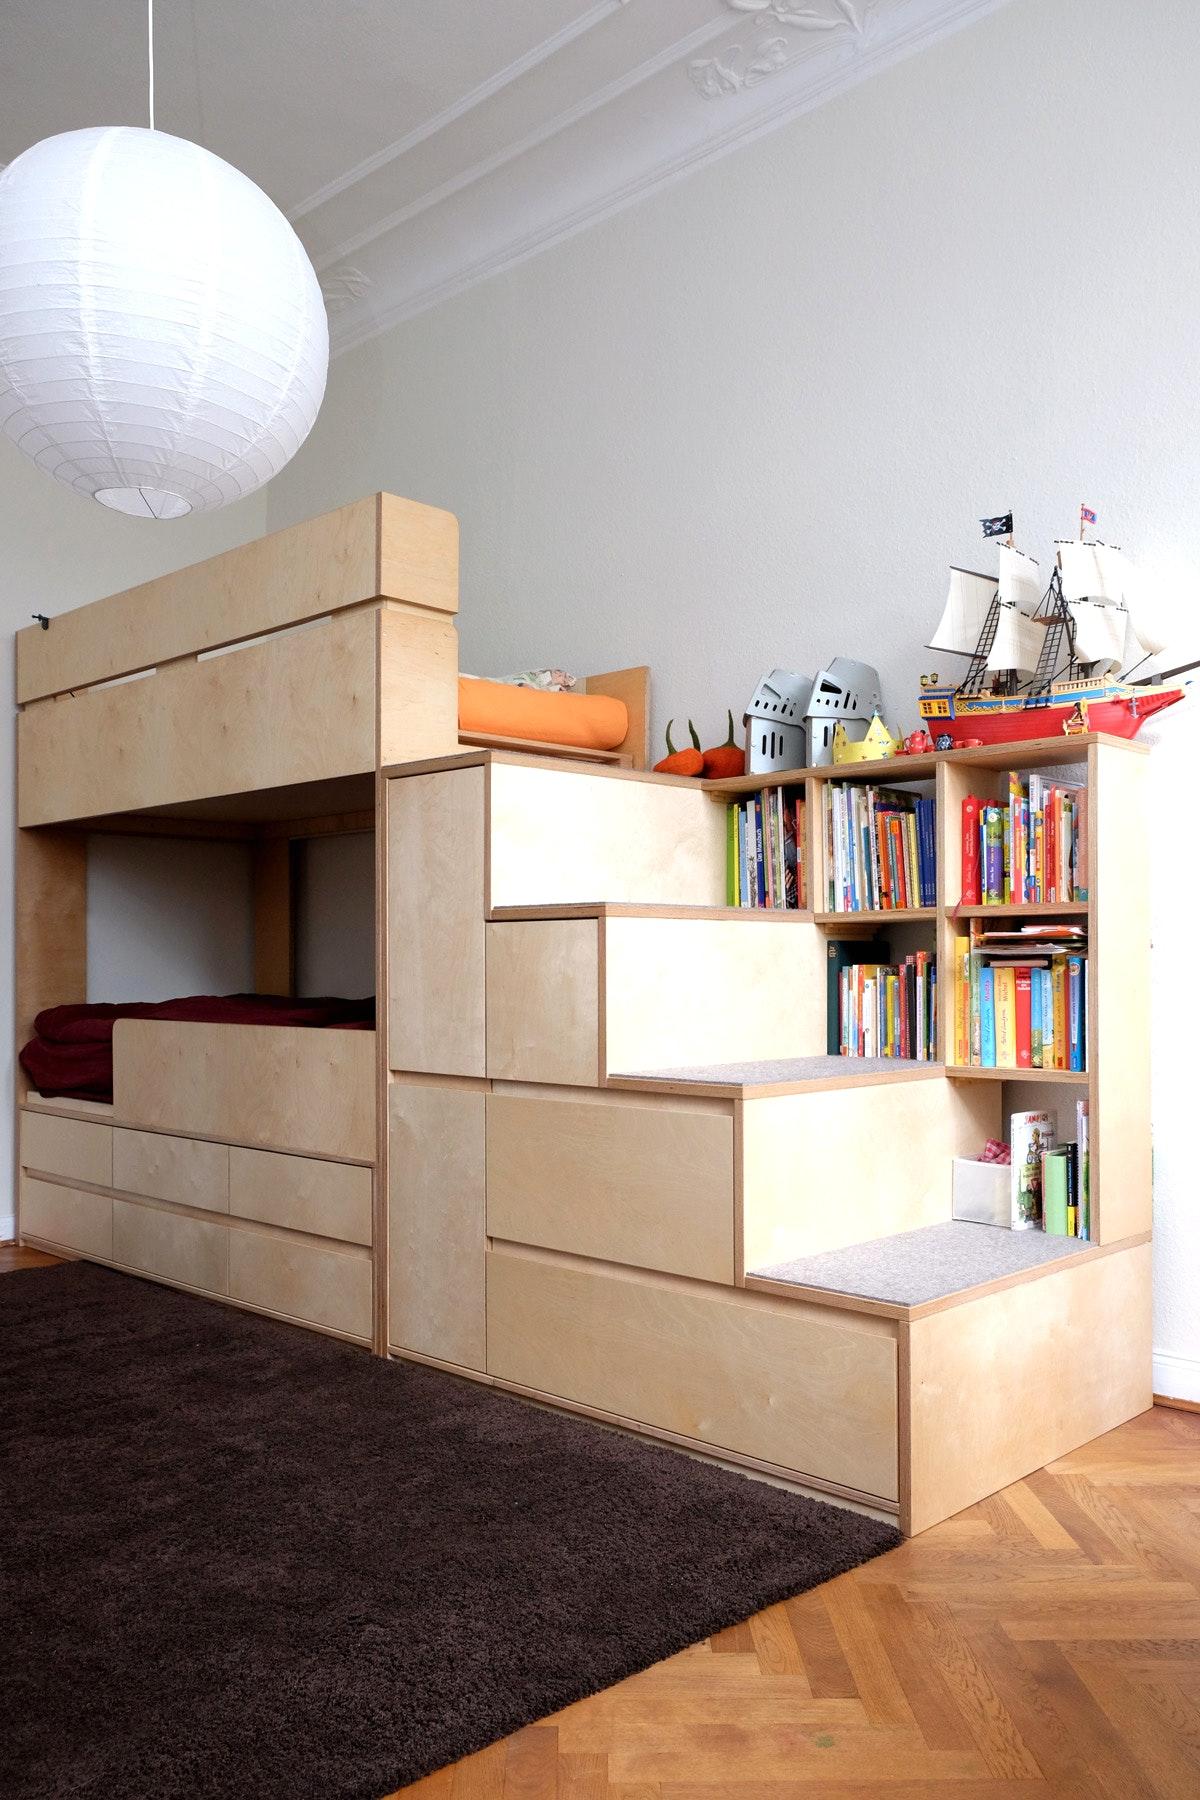 Узкая детская с мебелью из фанеры